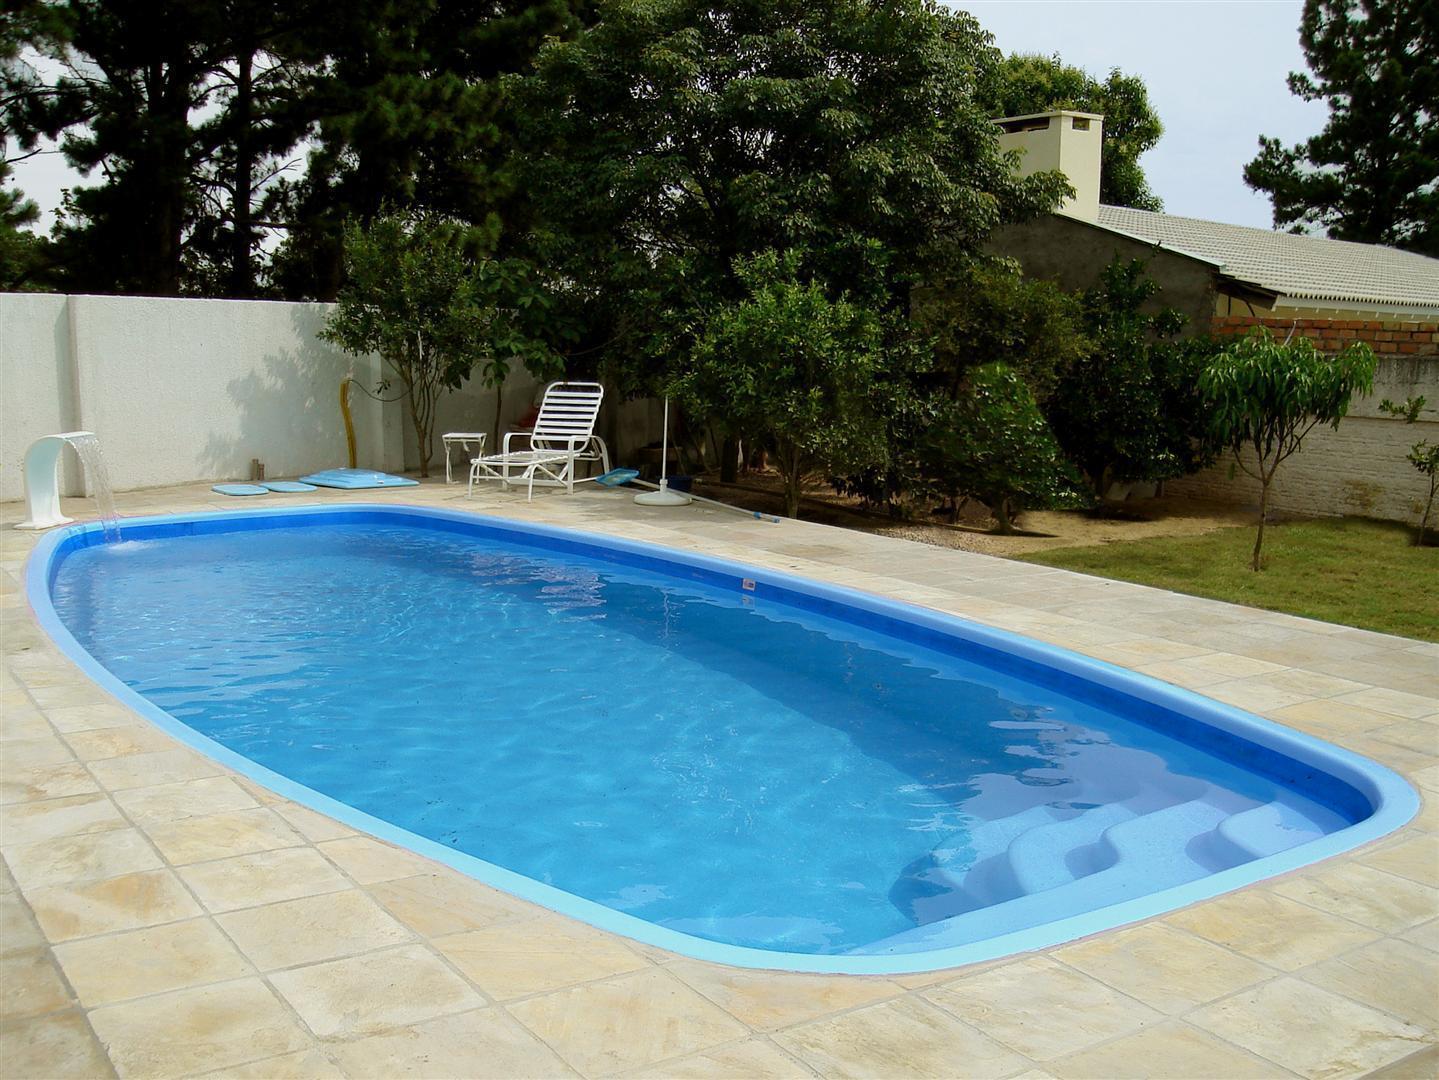 Qual piscina melhor vinil ou fibra - Tipo de piscinas ...